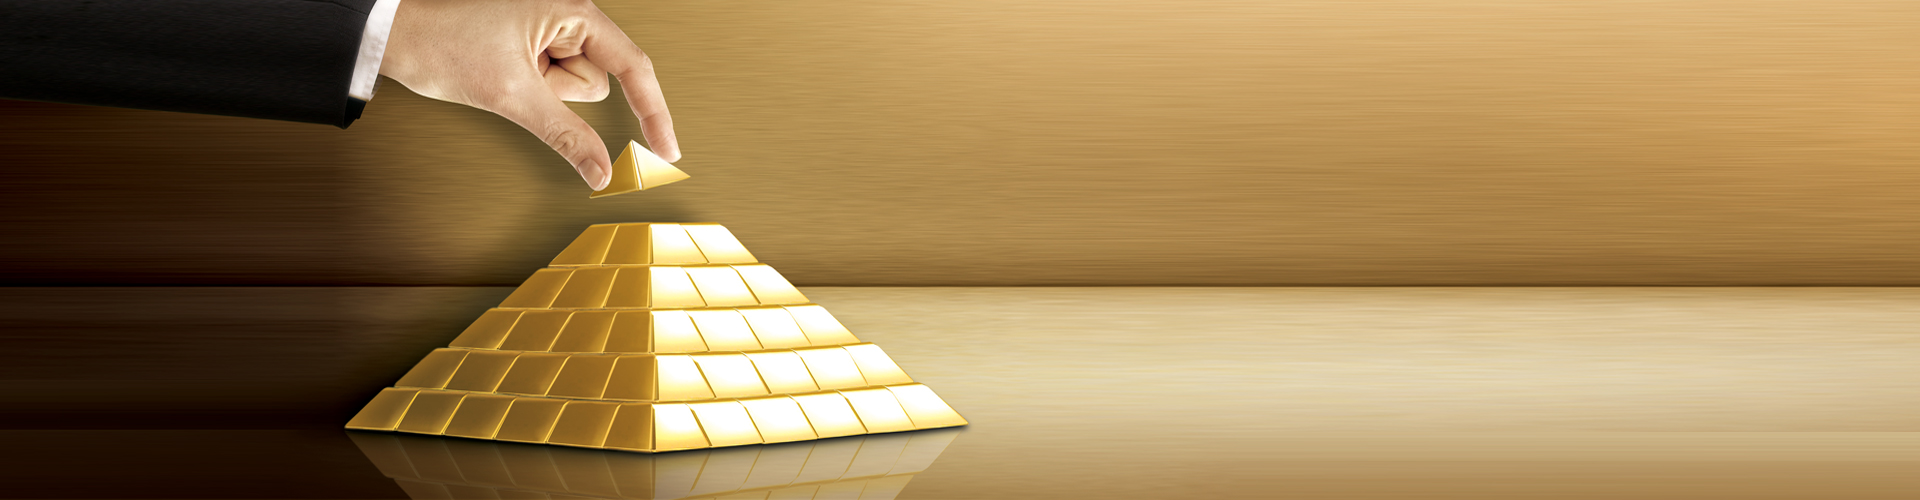 金融,商业,投资,金子背景,金字塔,商务背景|ui|闪屏